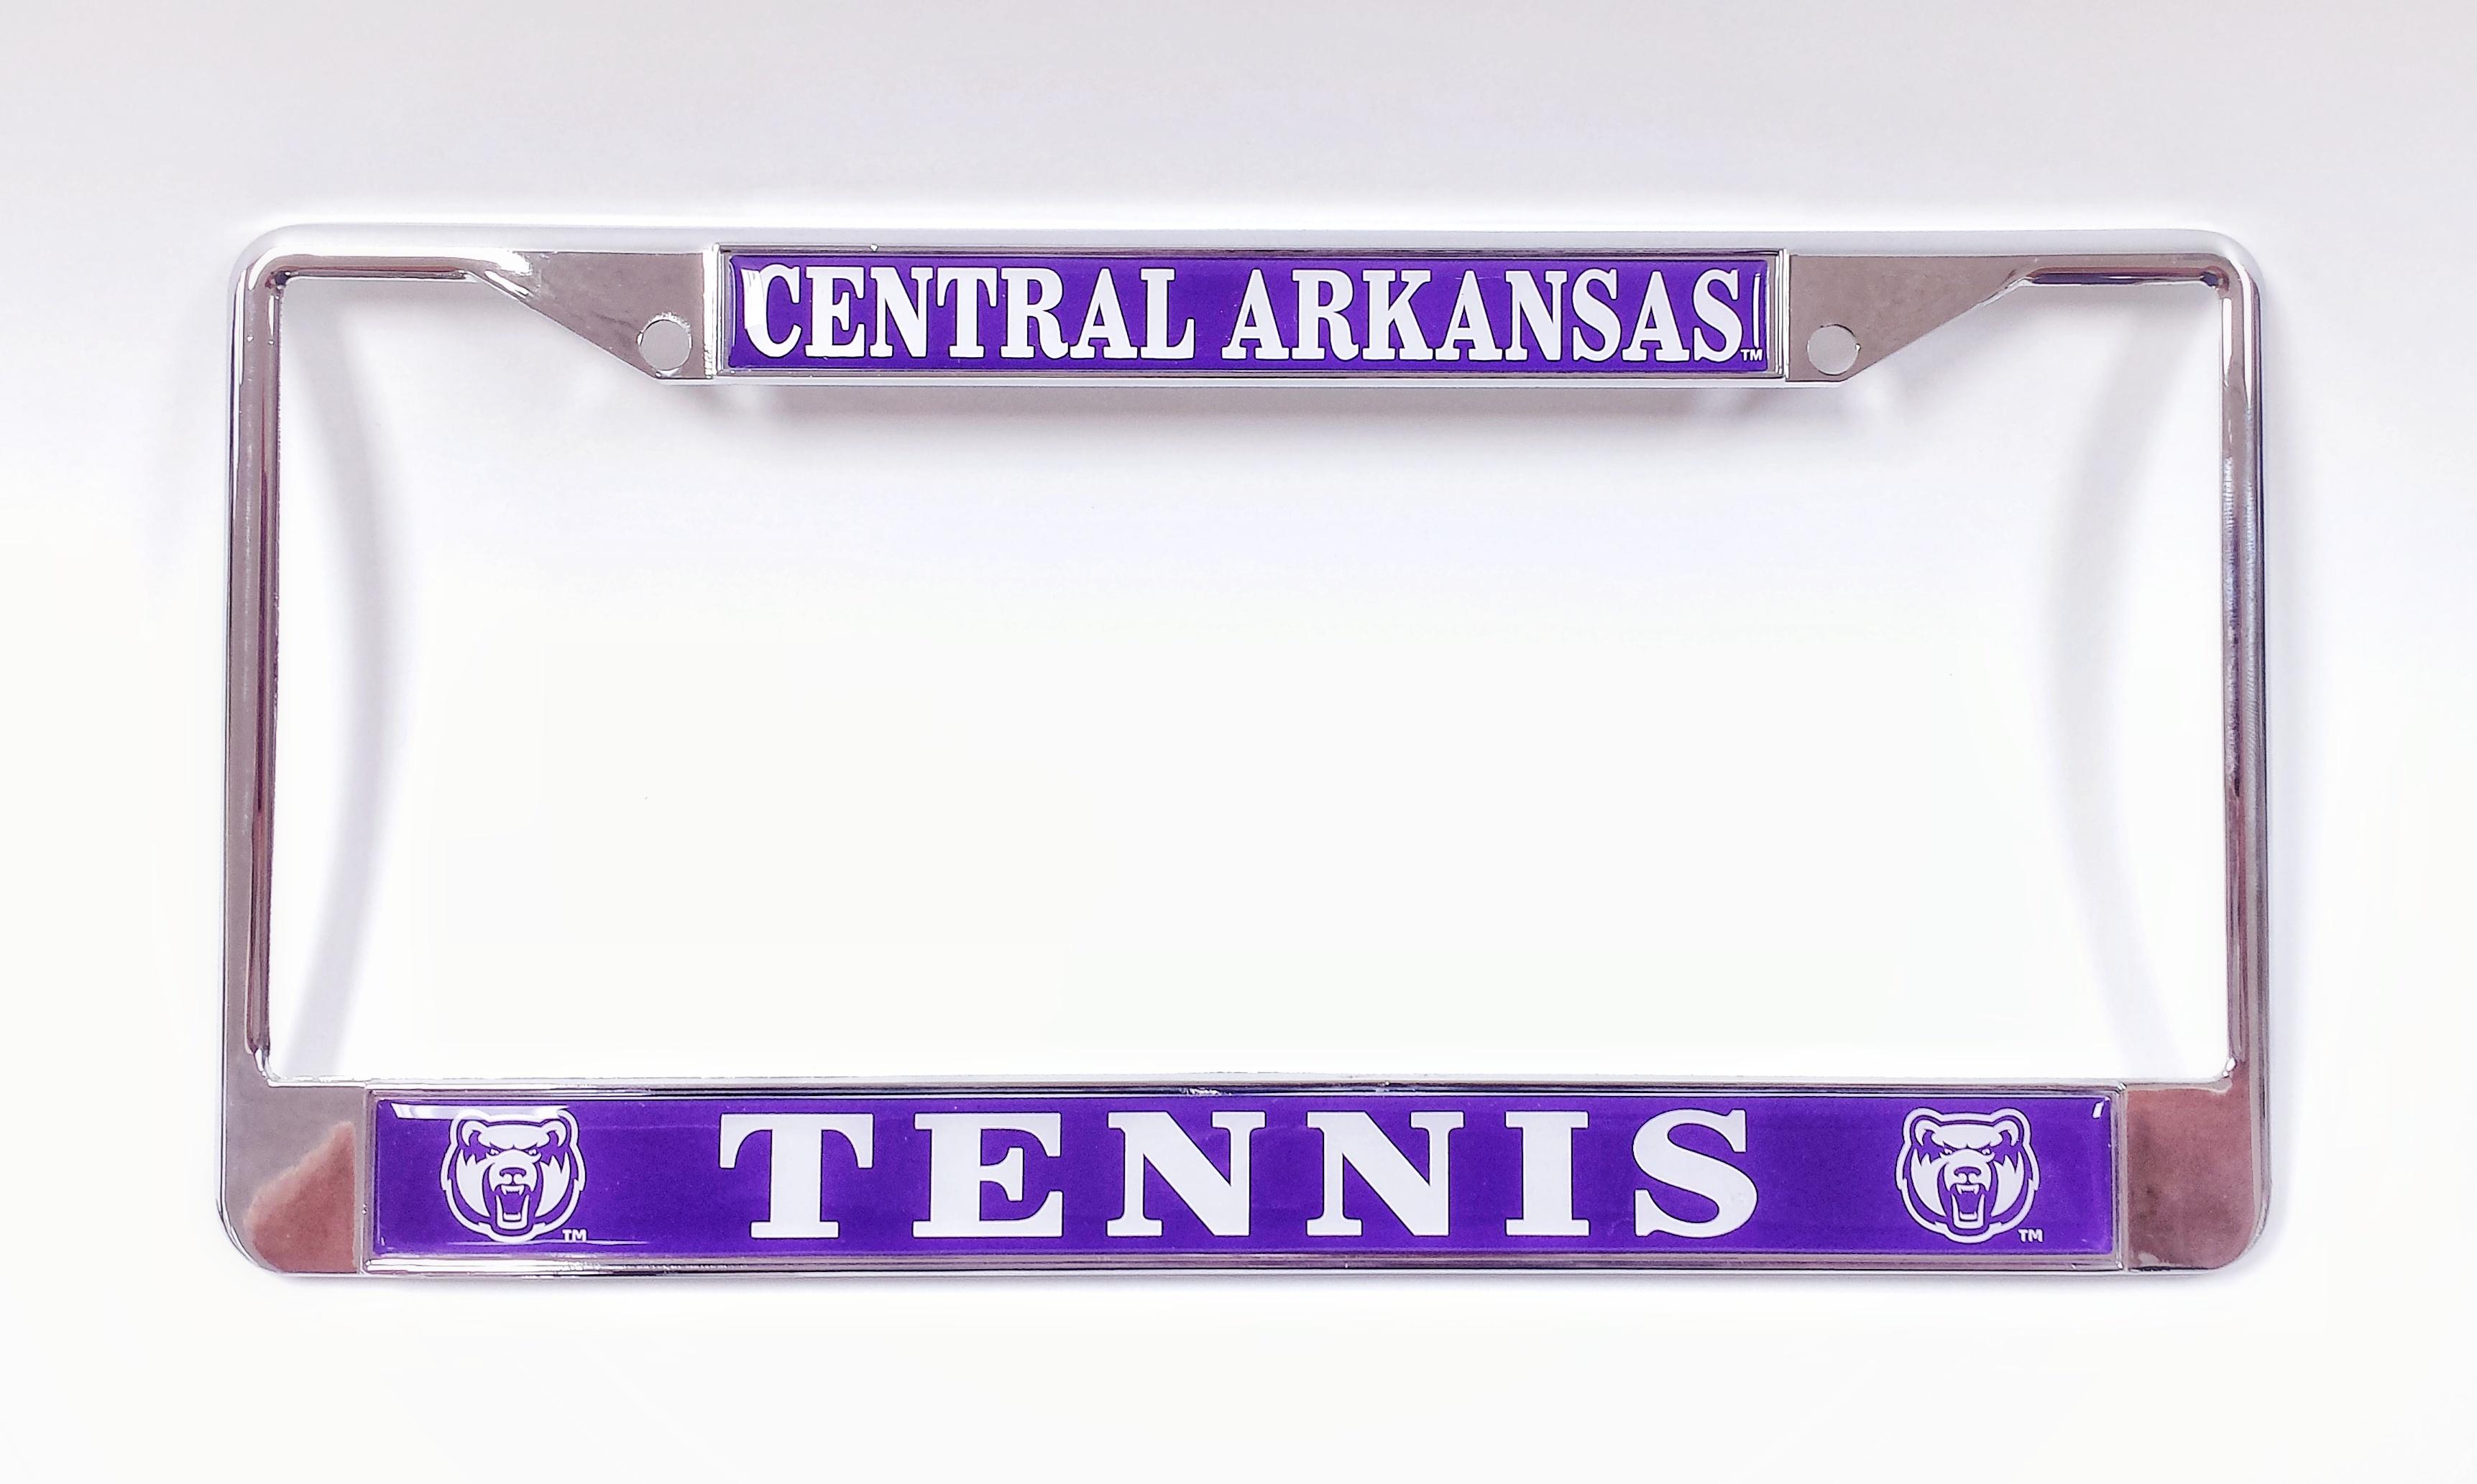 Central Arkansas Tennis License Plate Frame